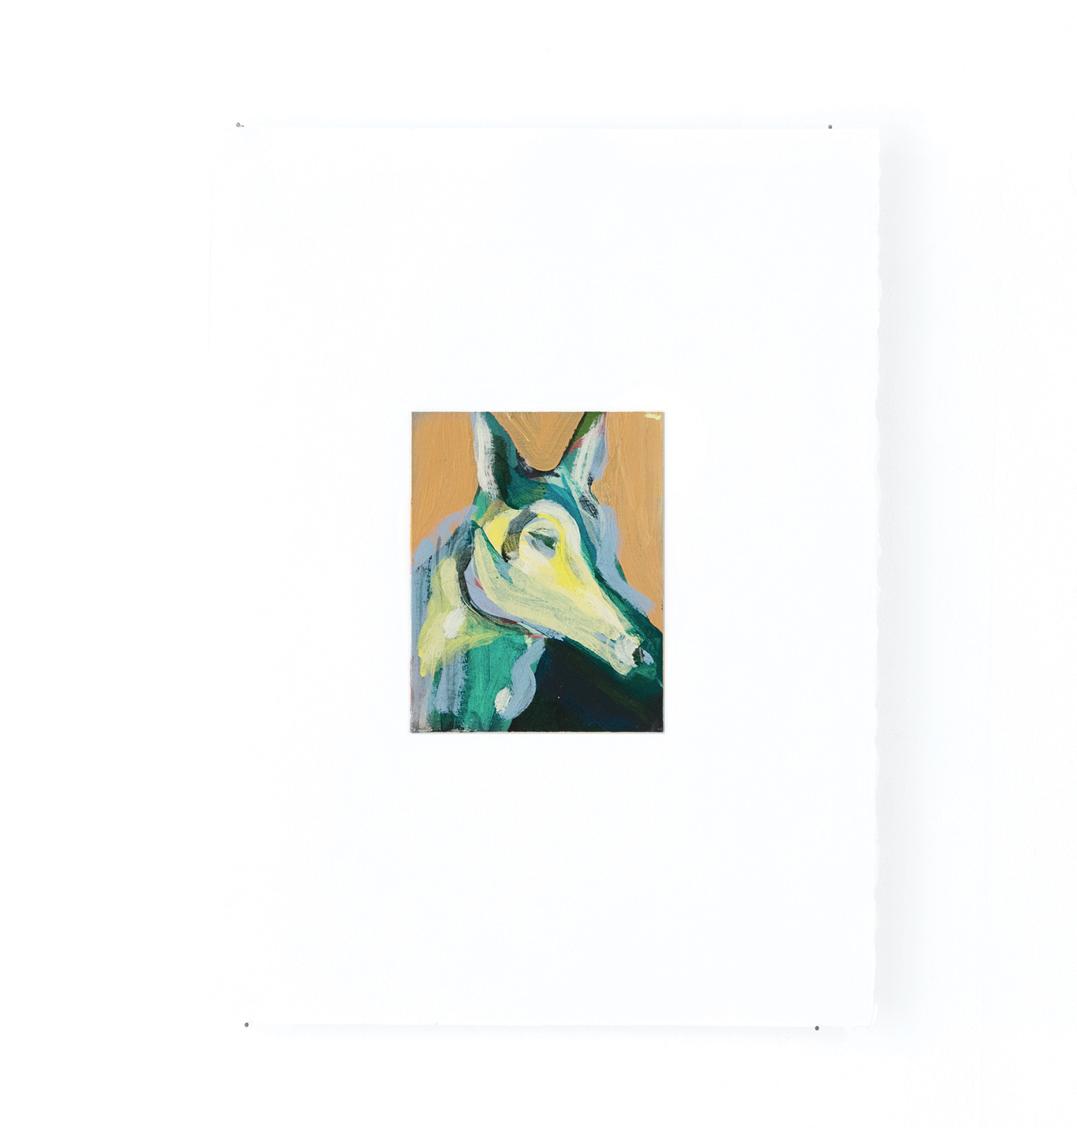 Cheval - Peinture acrylique sur carton - 33 x 44 cm - 2016